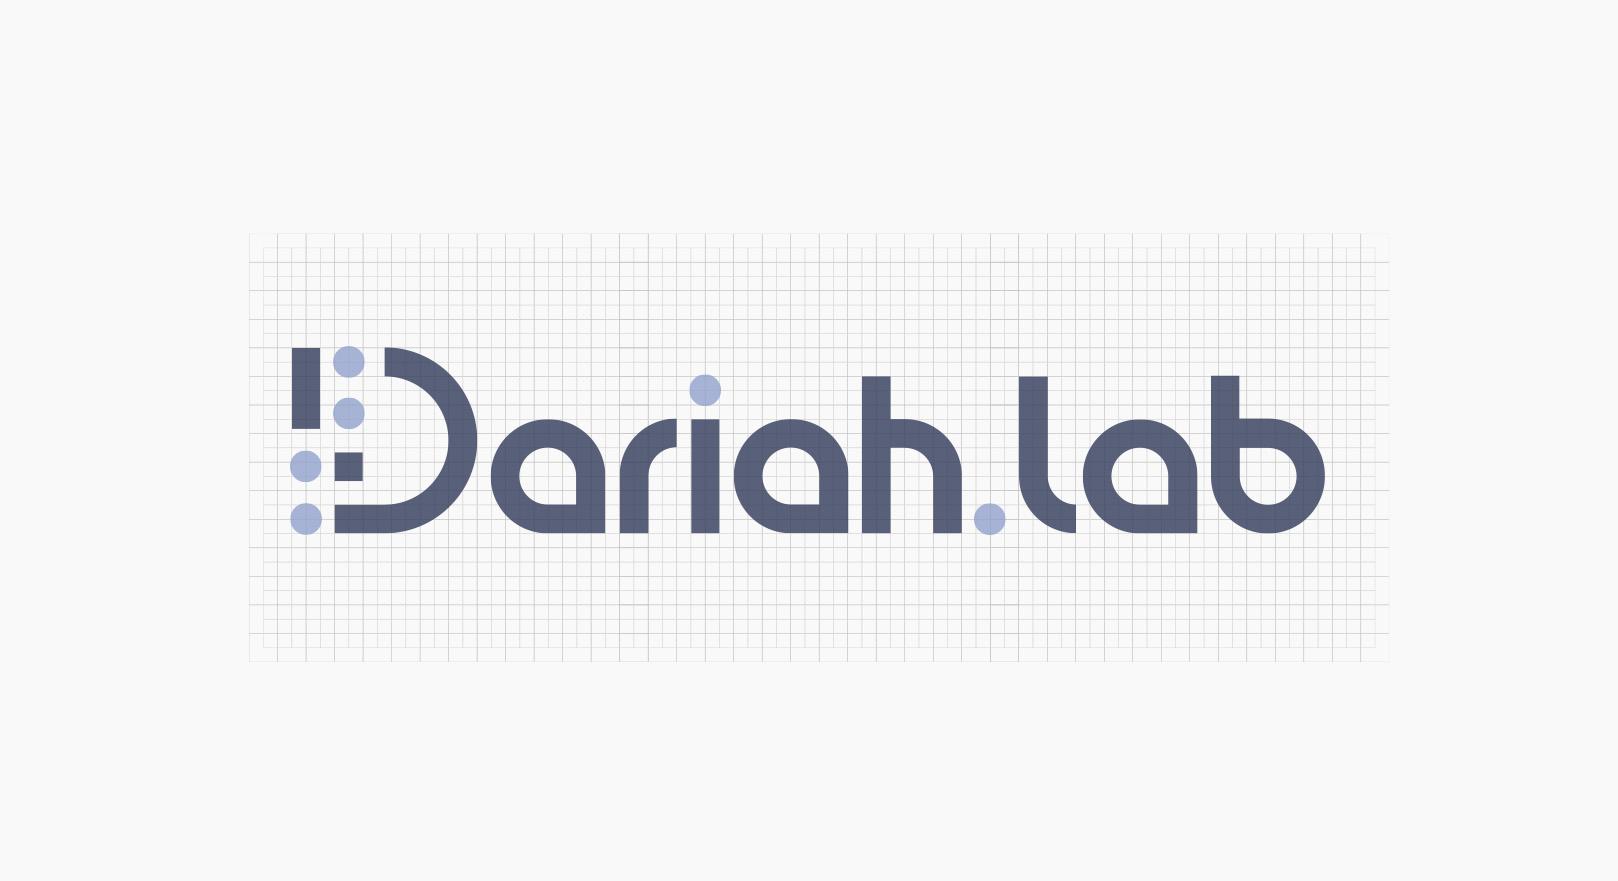 Dariah.lab - Identyfikacja wizualna - logotyp na siatce